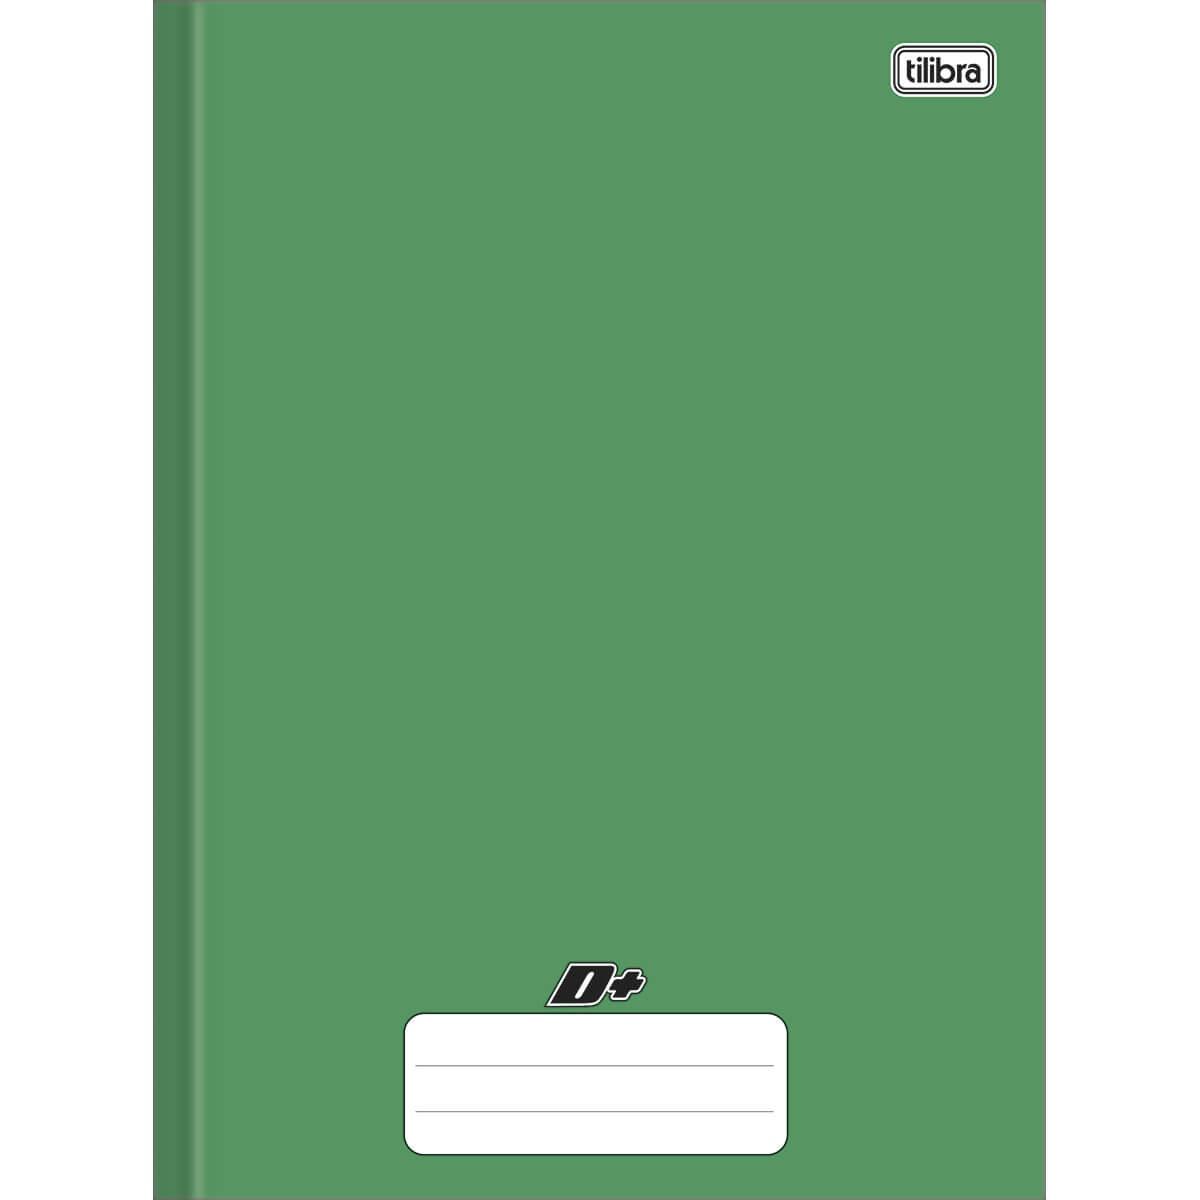 Caderno brochura 96 fls verde D+ Tilibra